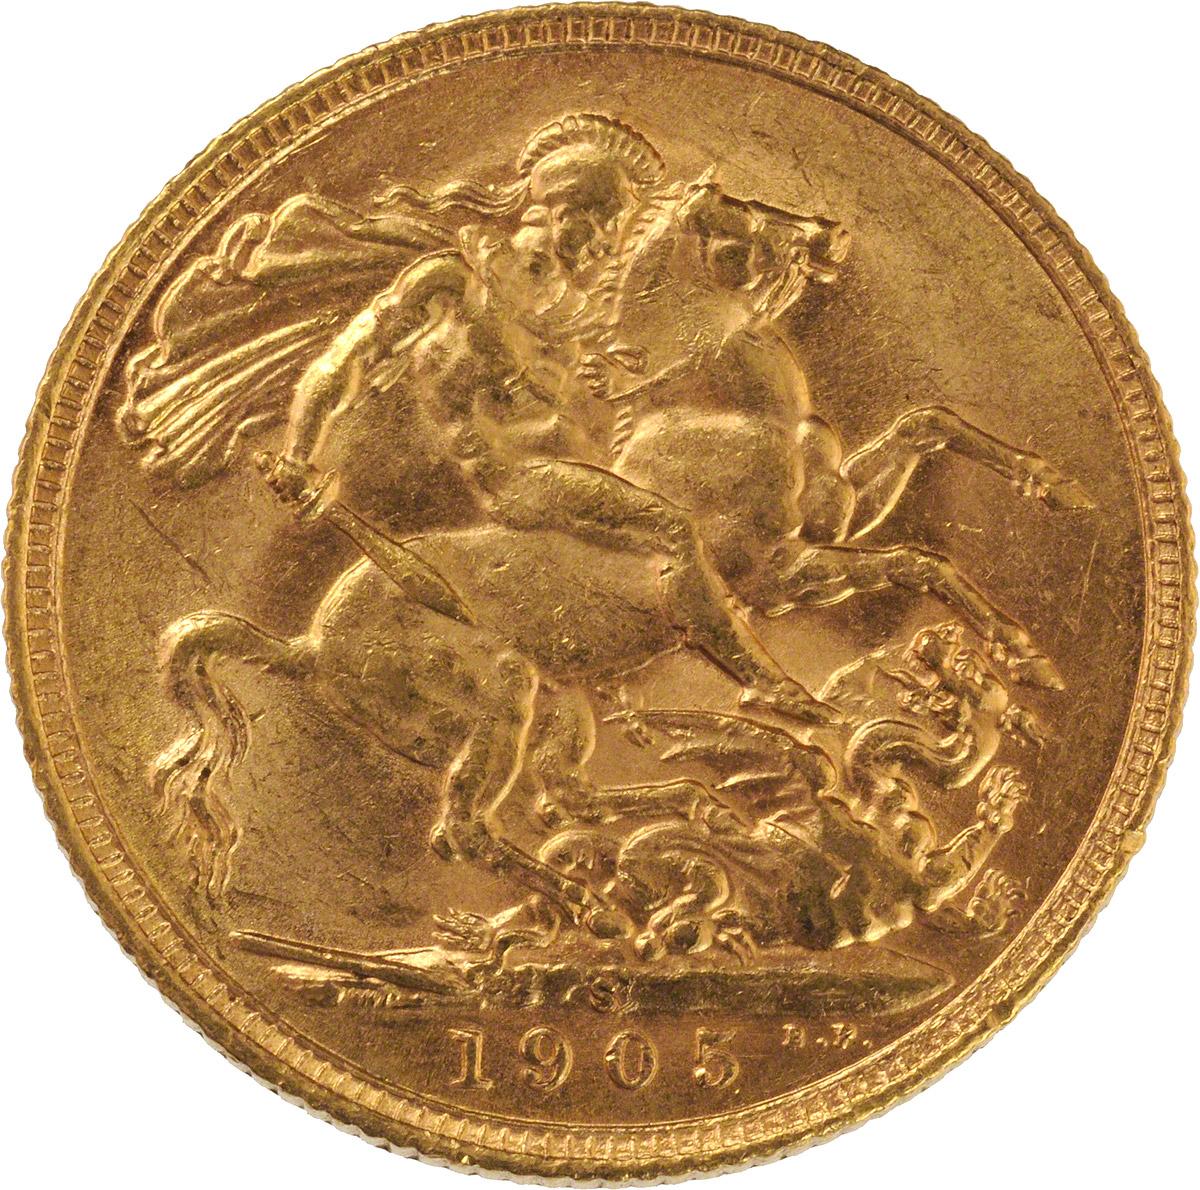 1905 Εδουάρδος Ζ' (Νομισματοκοπείο Σίδνεϊ)